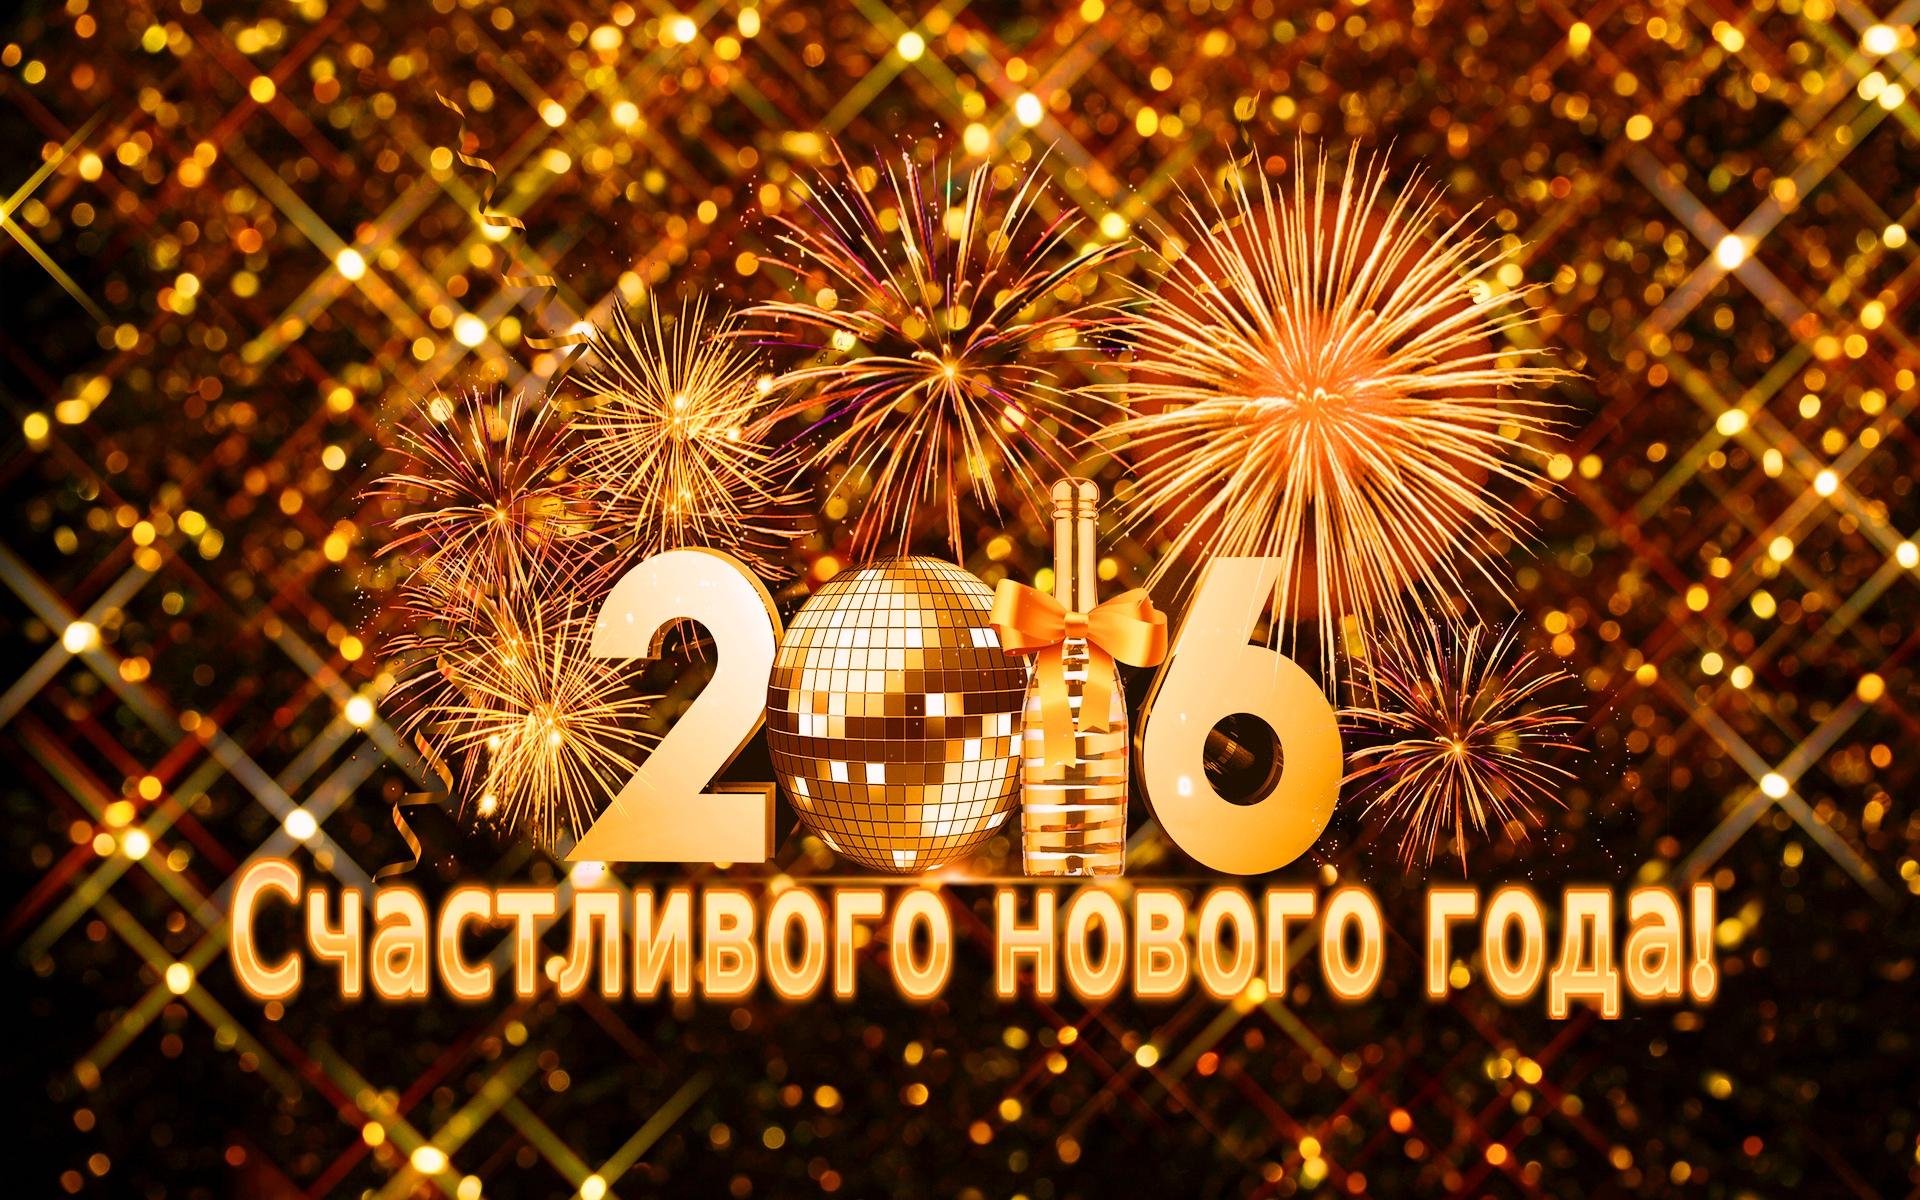 Счастливого нового года - C наступающим новым годом 2018 поздравительные картинки